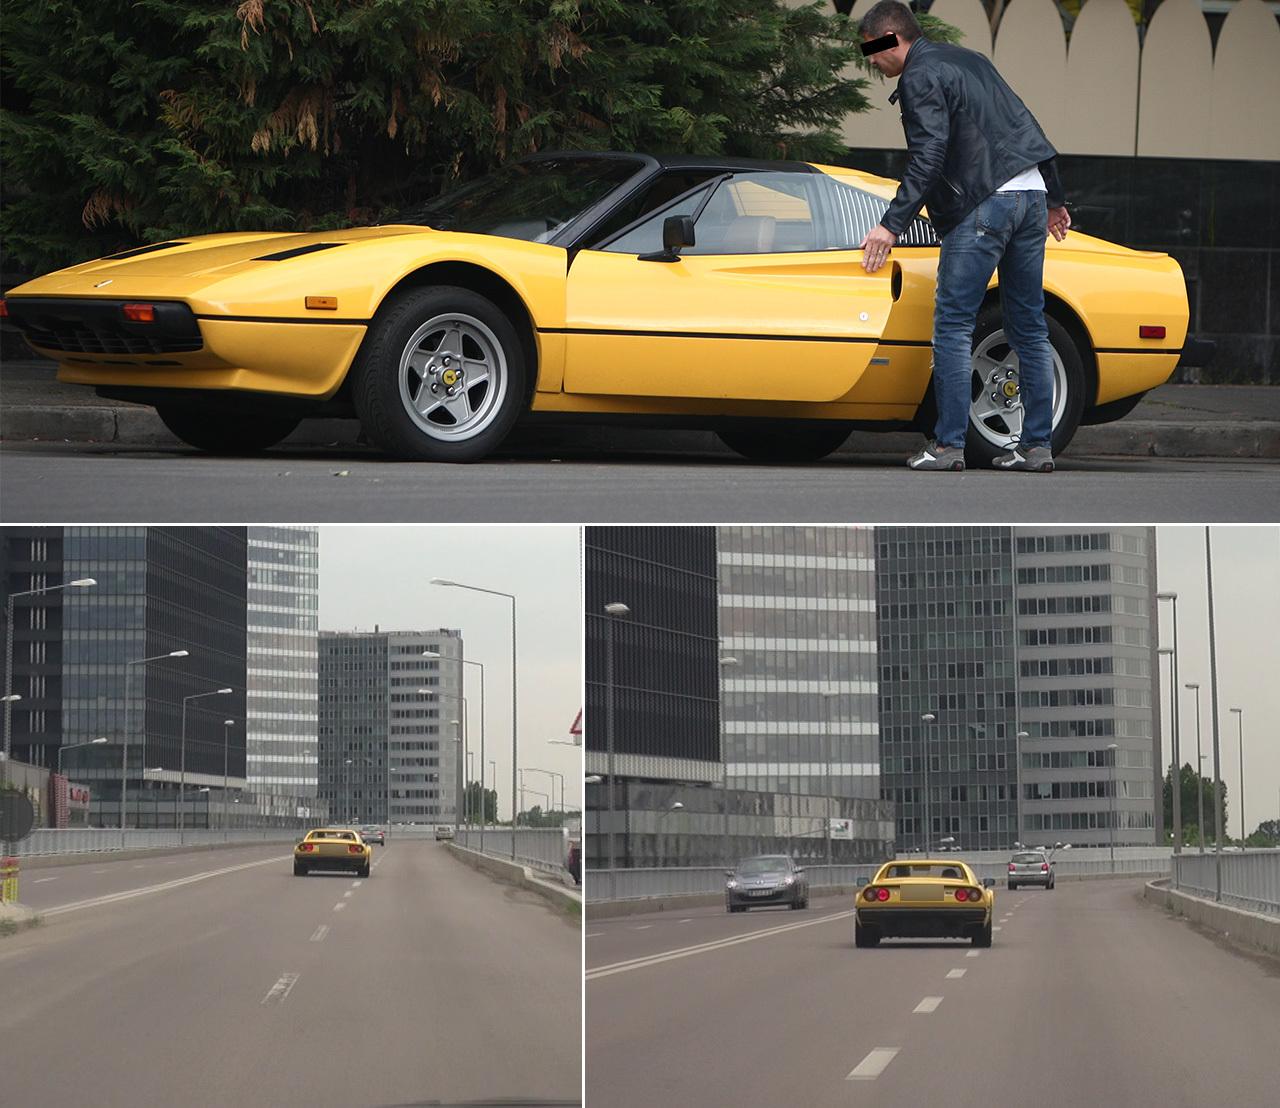 """Celebrul avocat îşi """"testează"""" prin oraş Ferrariul de colecţie: acul vitezometrului a atins la un moment dat 180 km/h"""